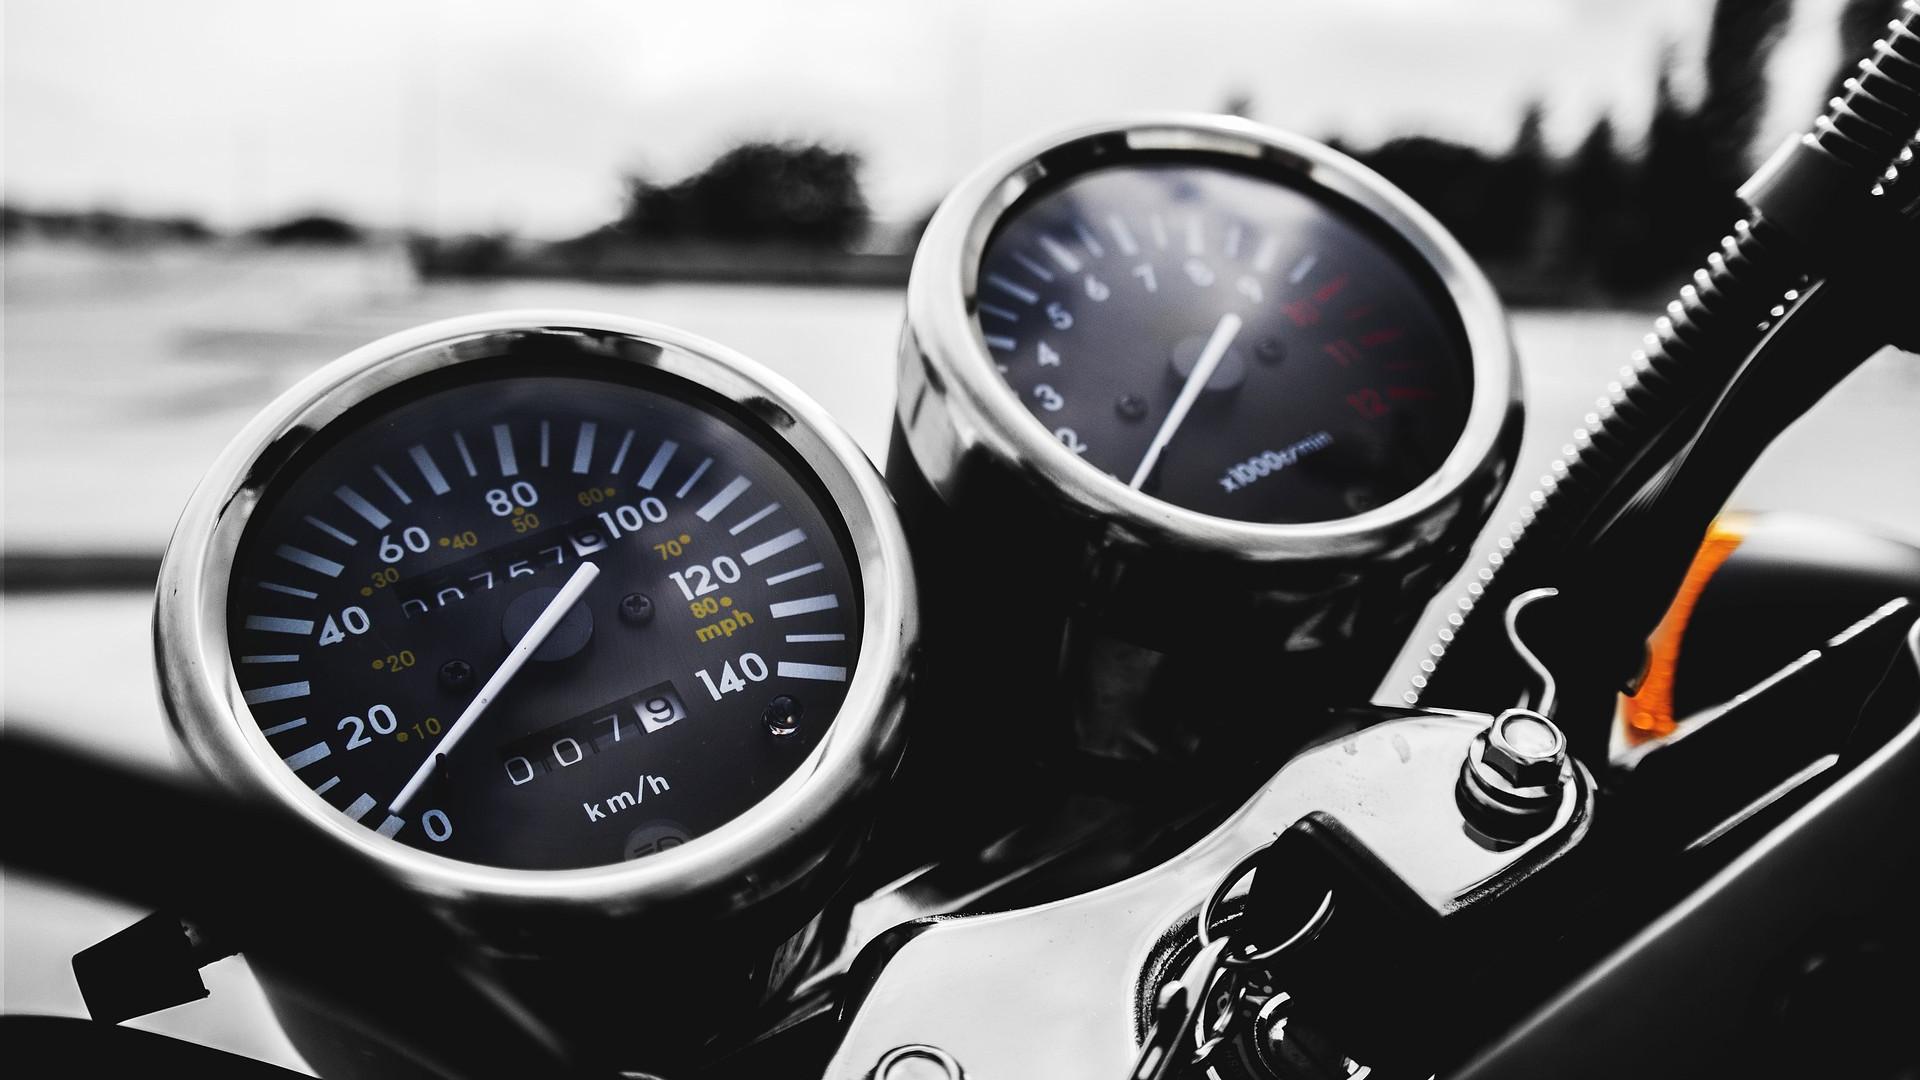 Profitez des déplacements fluides à Paris grâce taxi moto